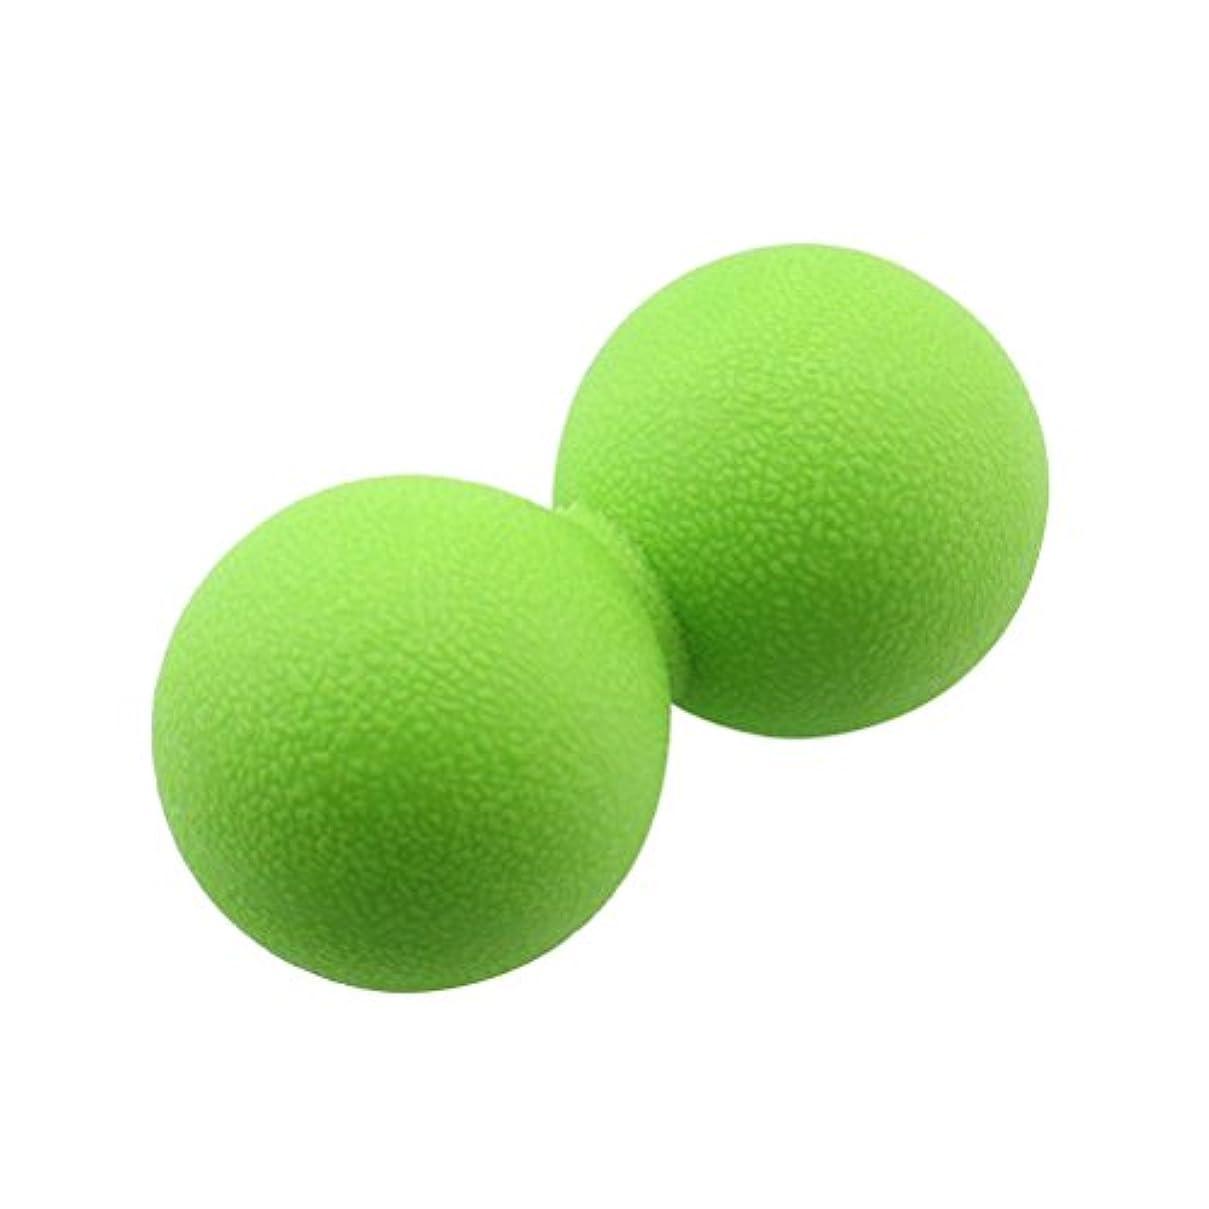 ファーム並外れた政治的VORCOOL マッサージボール ストレッチボール ハードタイプ トリガーポイント トレーニング 背中 肩こり 腰 ふくらはぎ 足裏 ツボ押しグッズ スーパーハードタイプ 筋肉痛を改善 運動前後(緑)